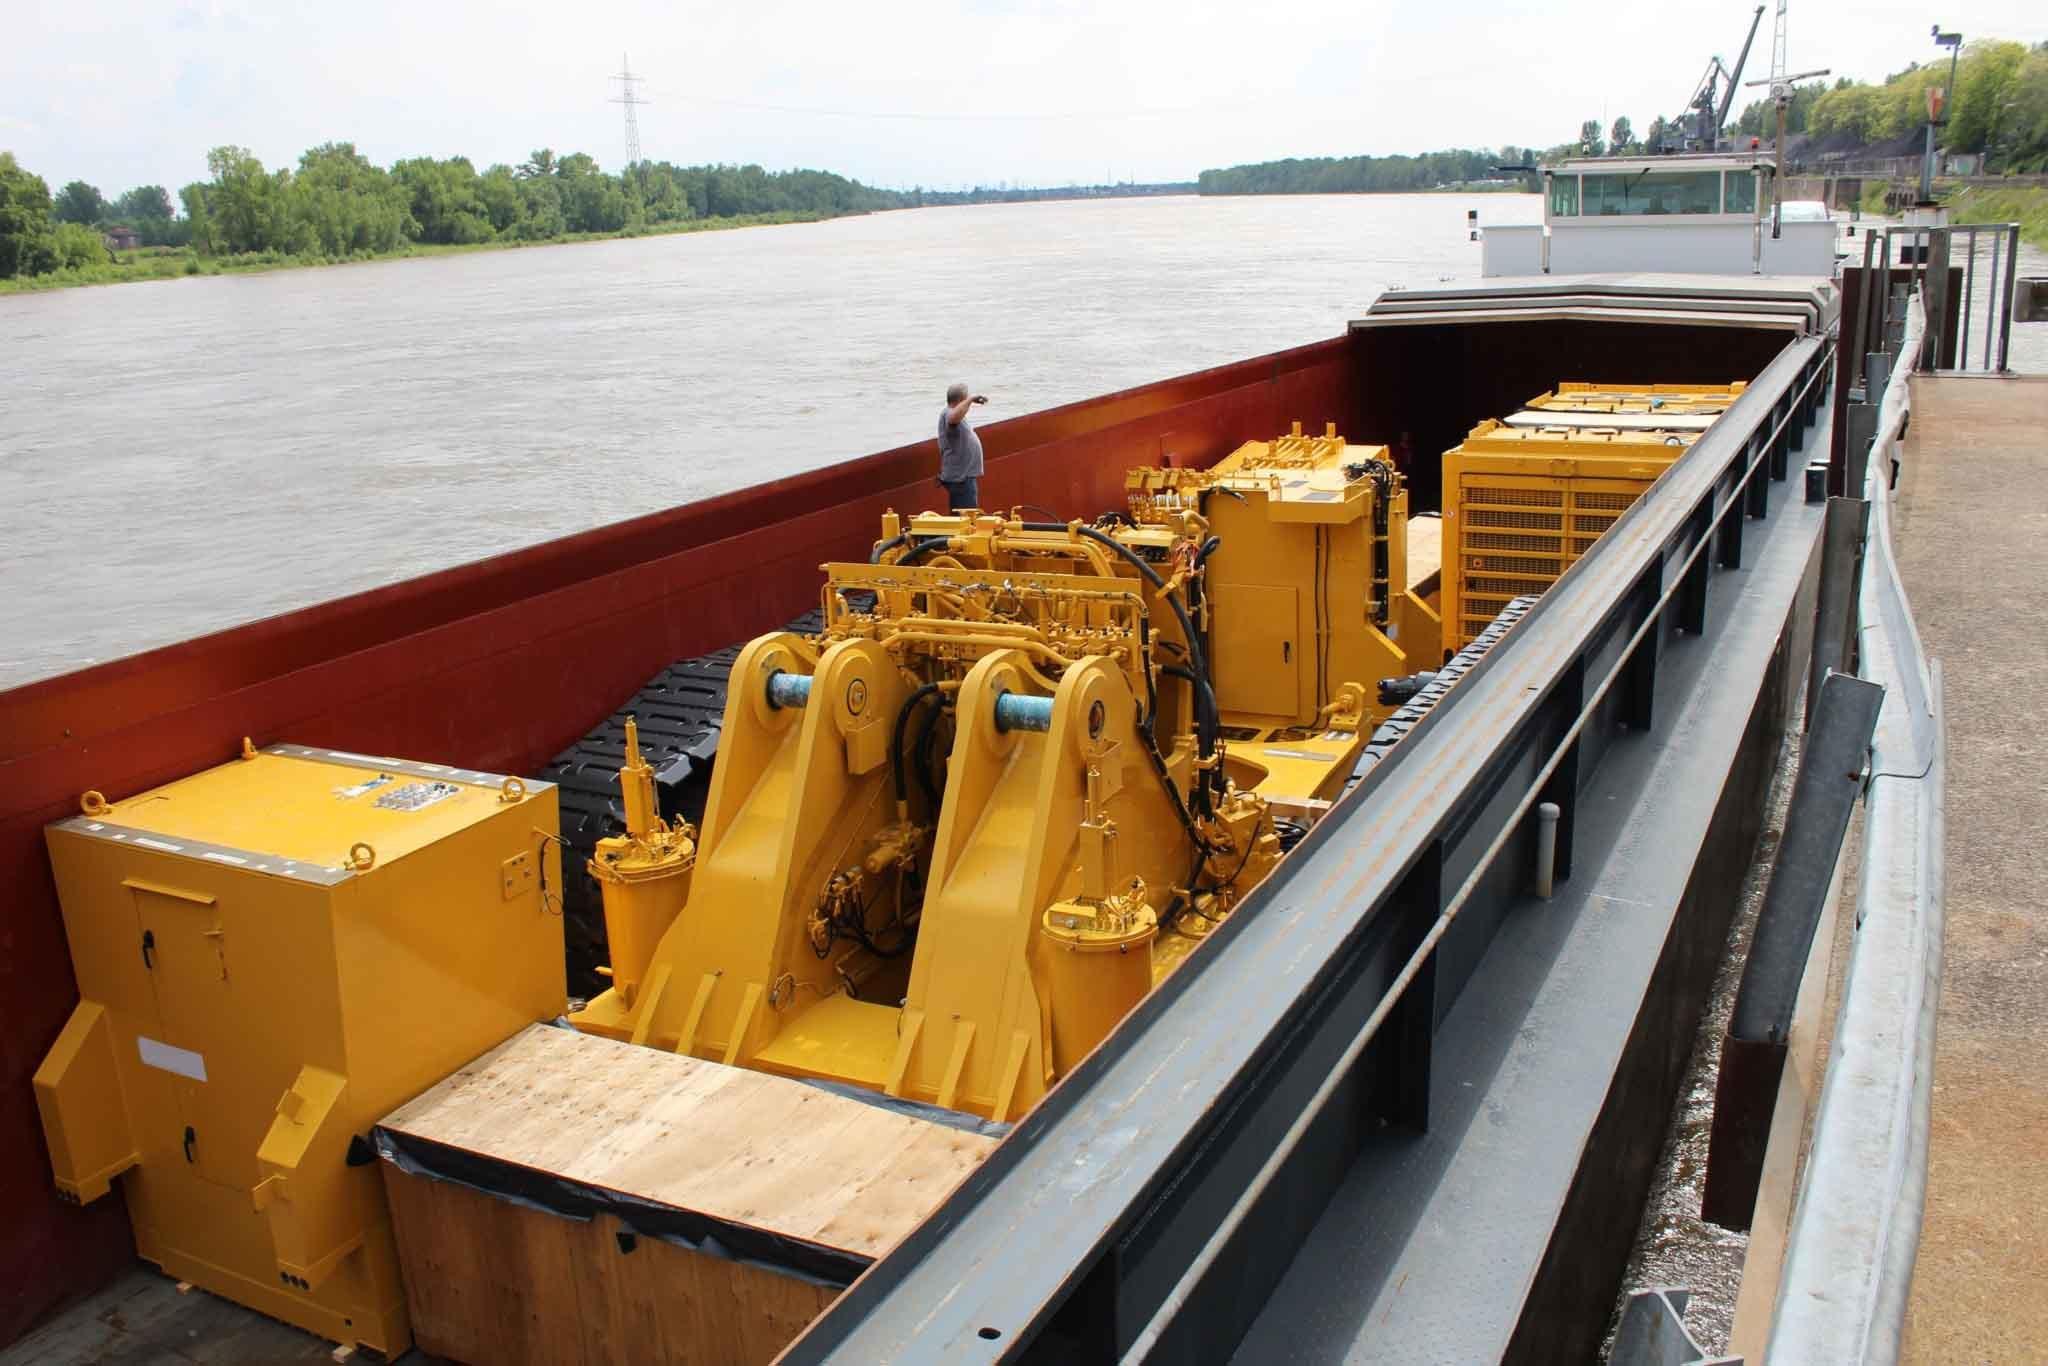 Komatsu Mining Excavator PC4000 in Barge